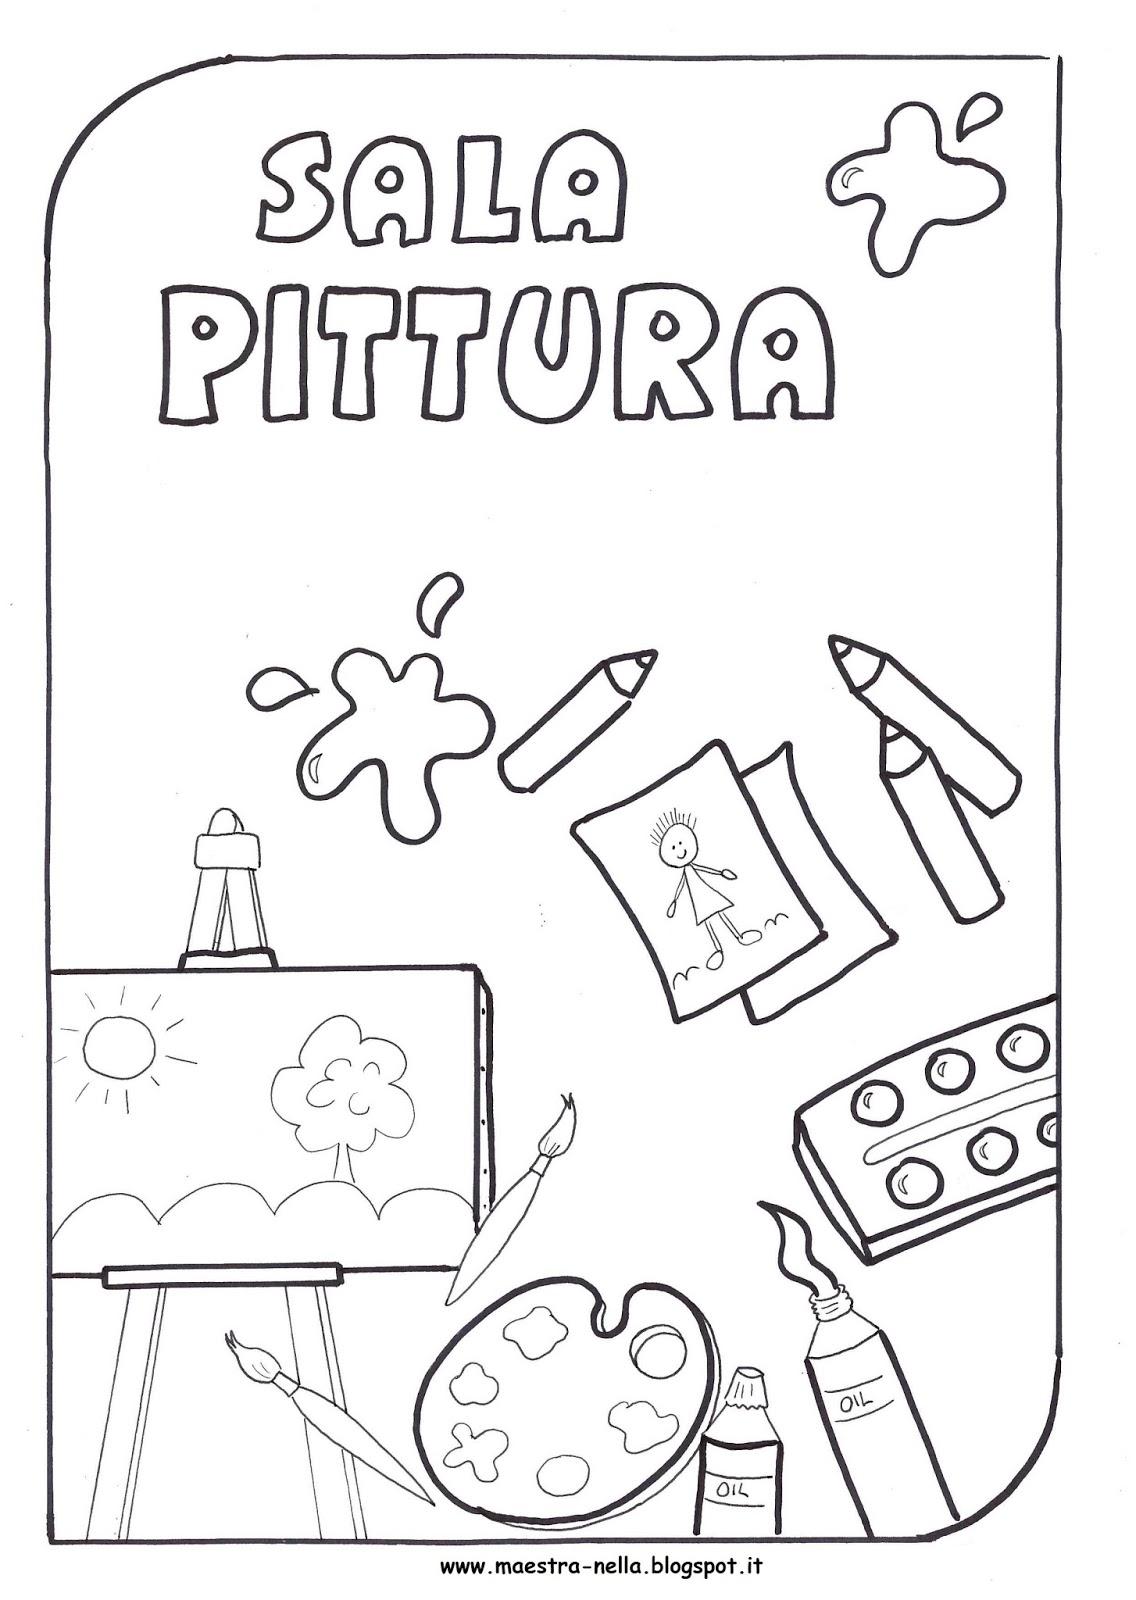 Maestra nella cartelli vari for Cartelli per la porta dell aula da stampare